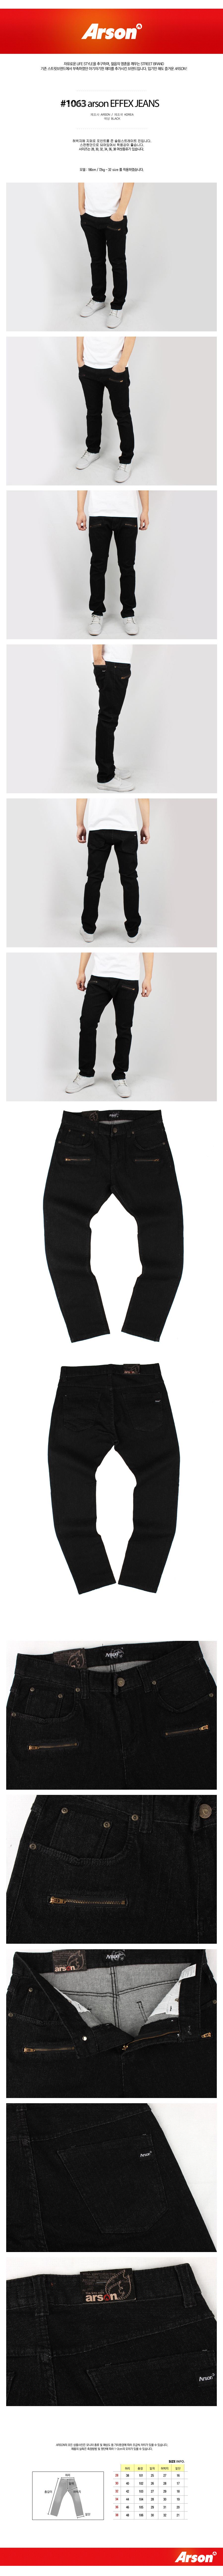 [ ARSON ] [Arson] ARSON GENUINE/1063 EFFEX JEANS (BLACK)/men\'s jeans/jeans/ARSON jeans